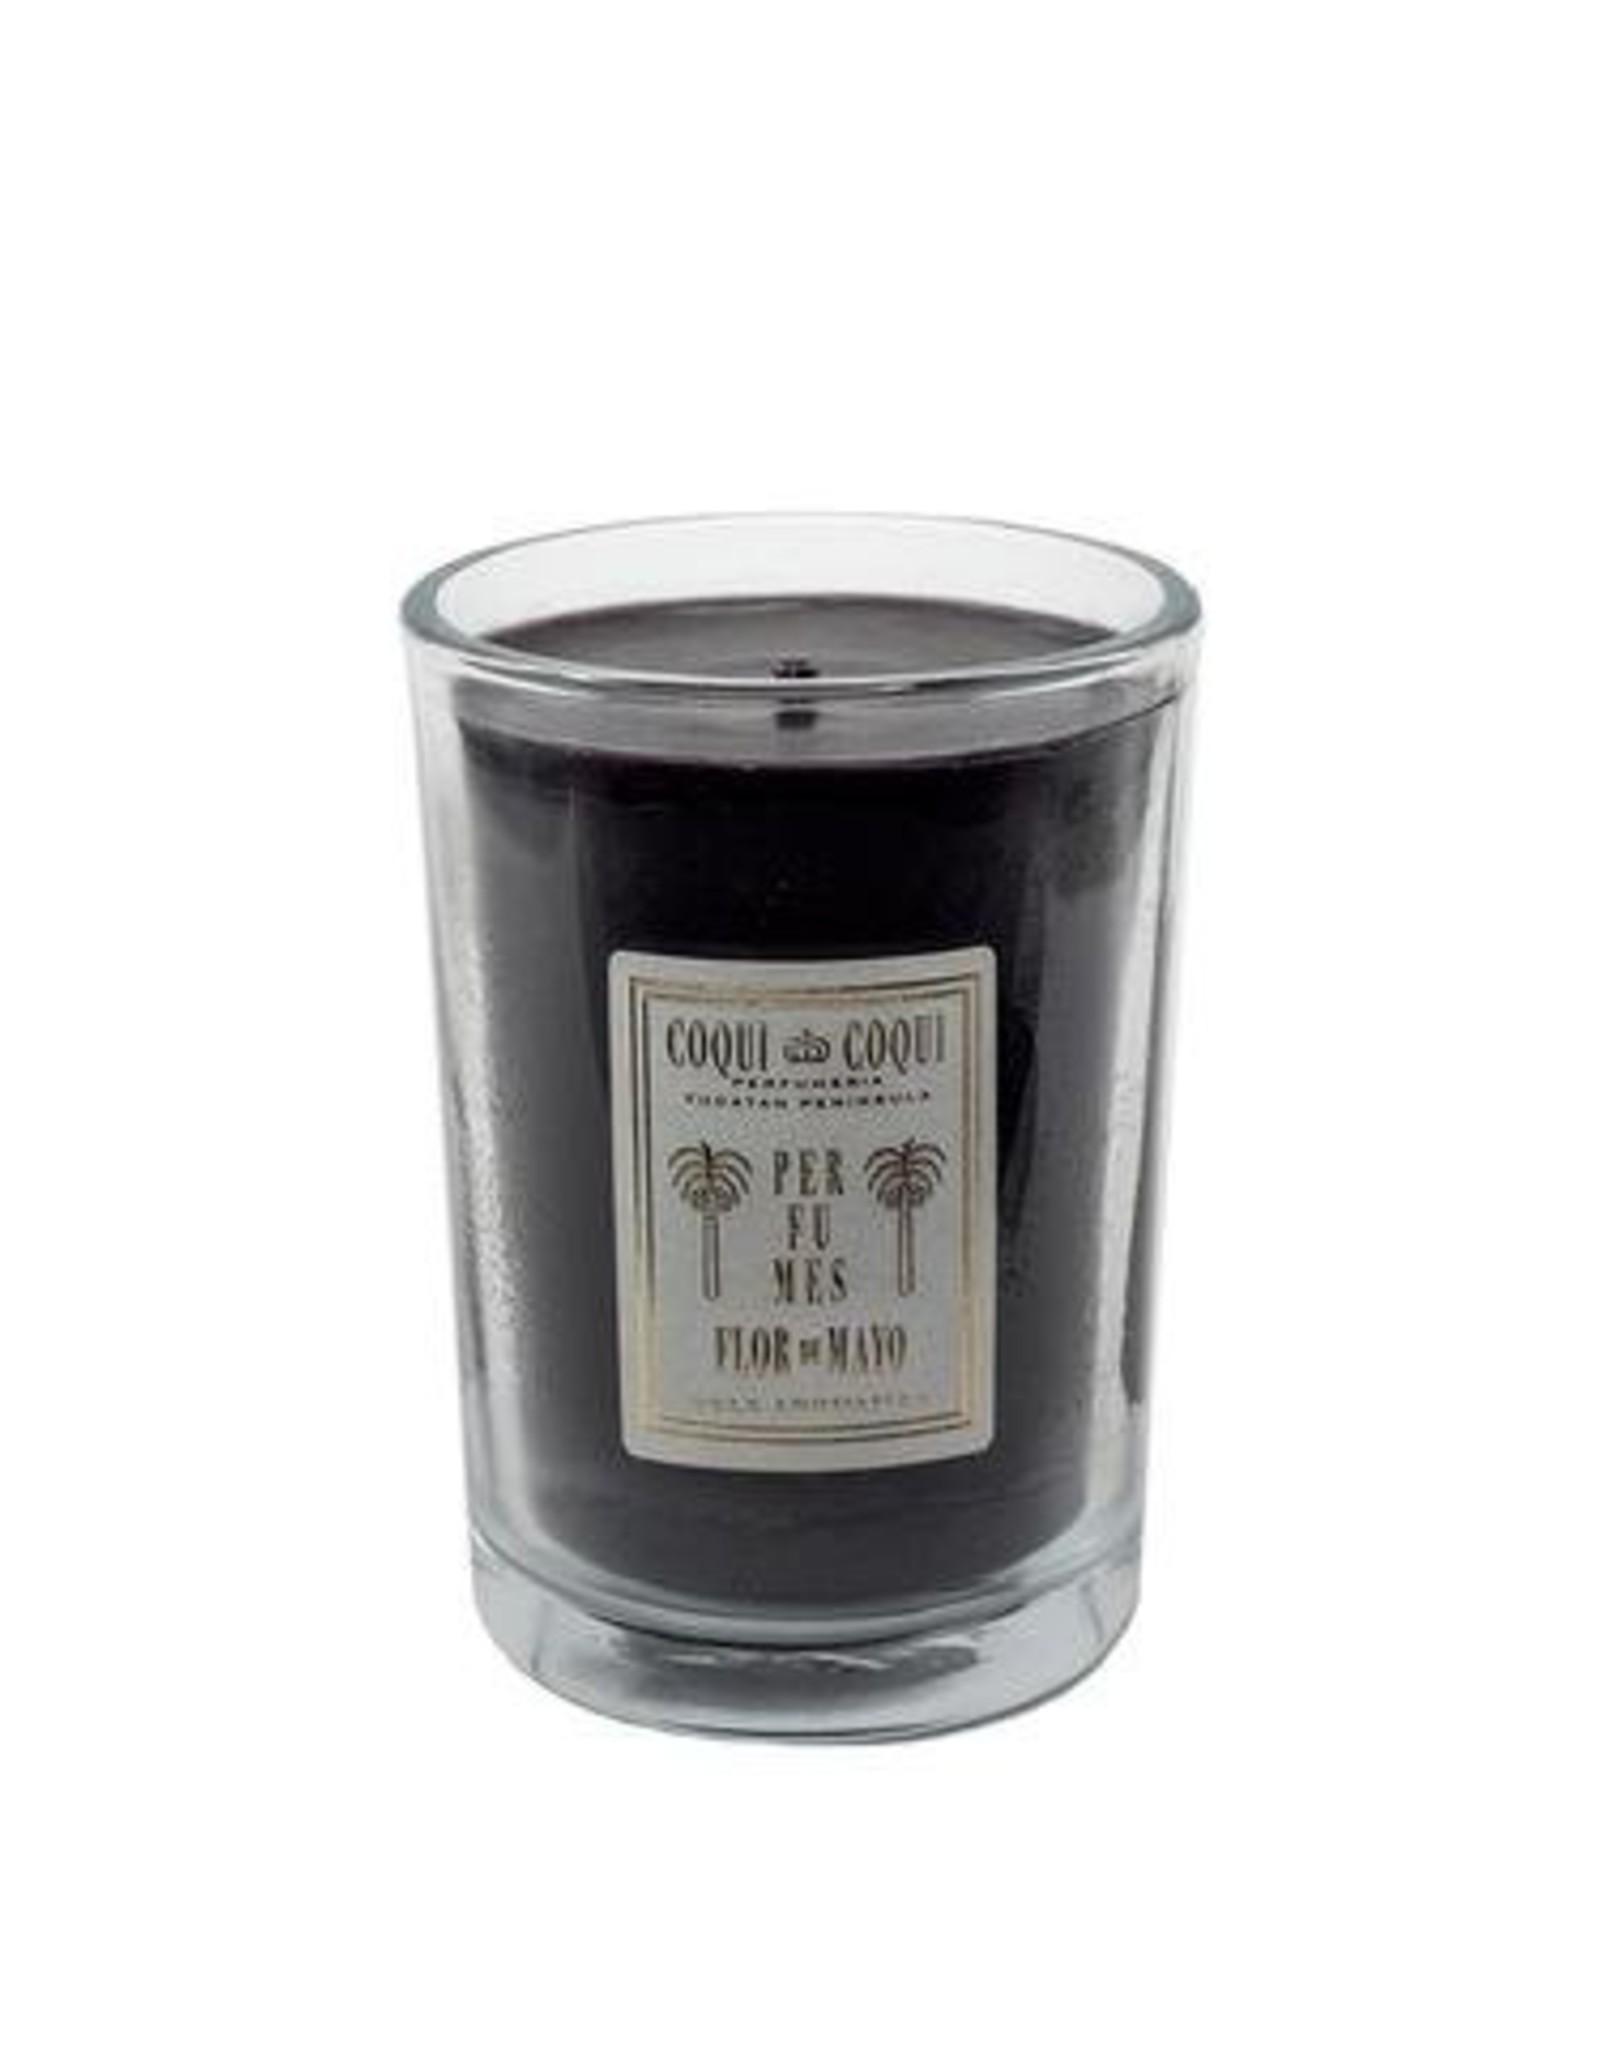 Coqui Coqui Perfumeria Flor de Mayo candle